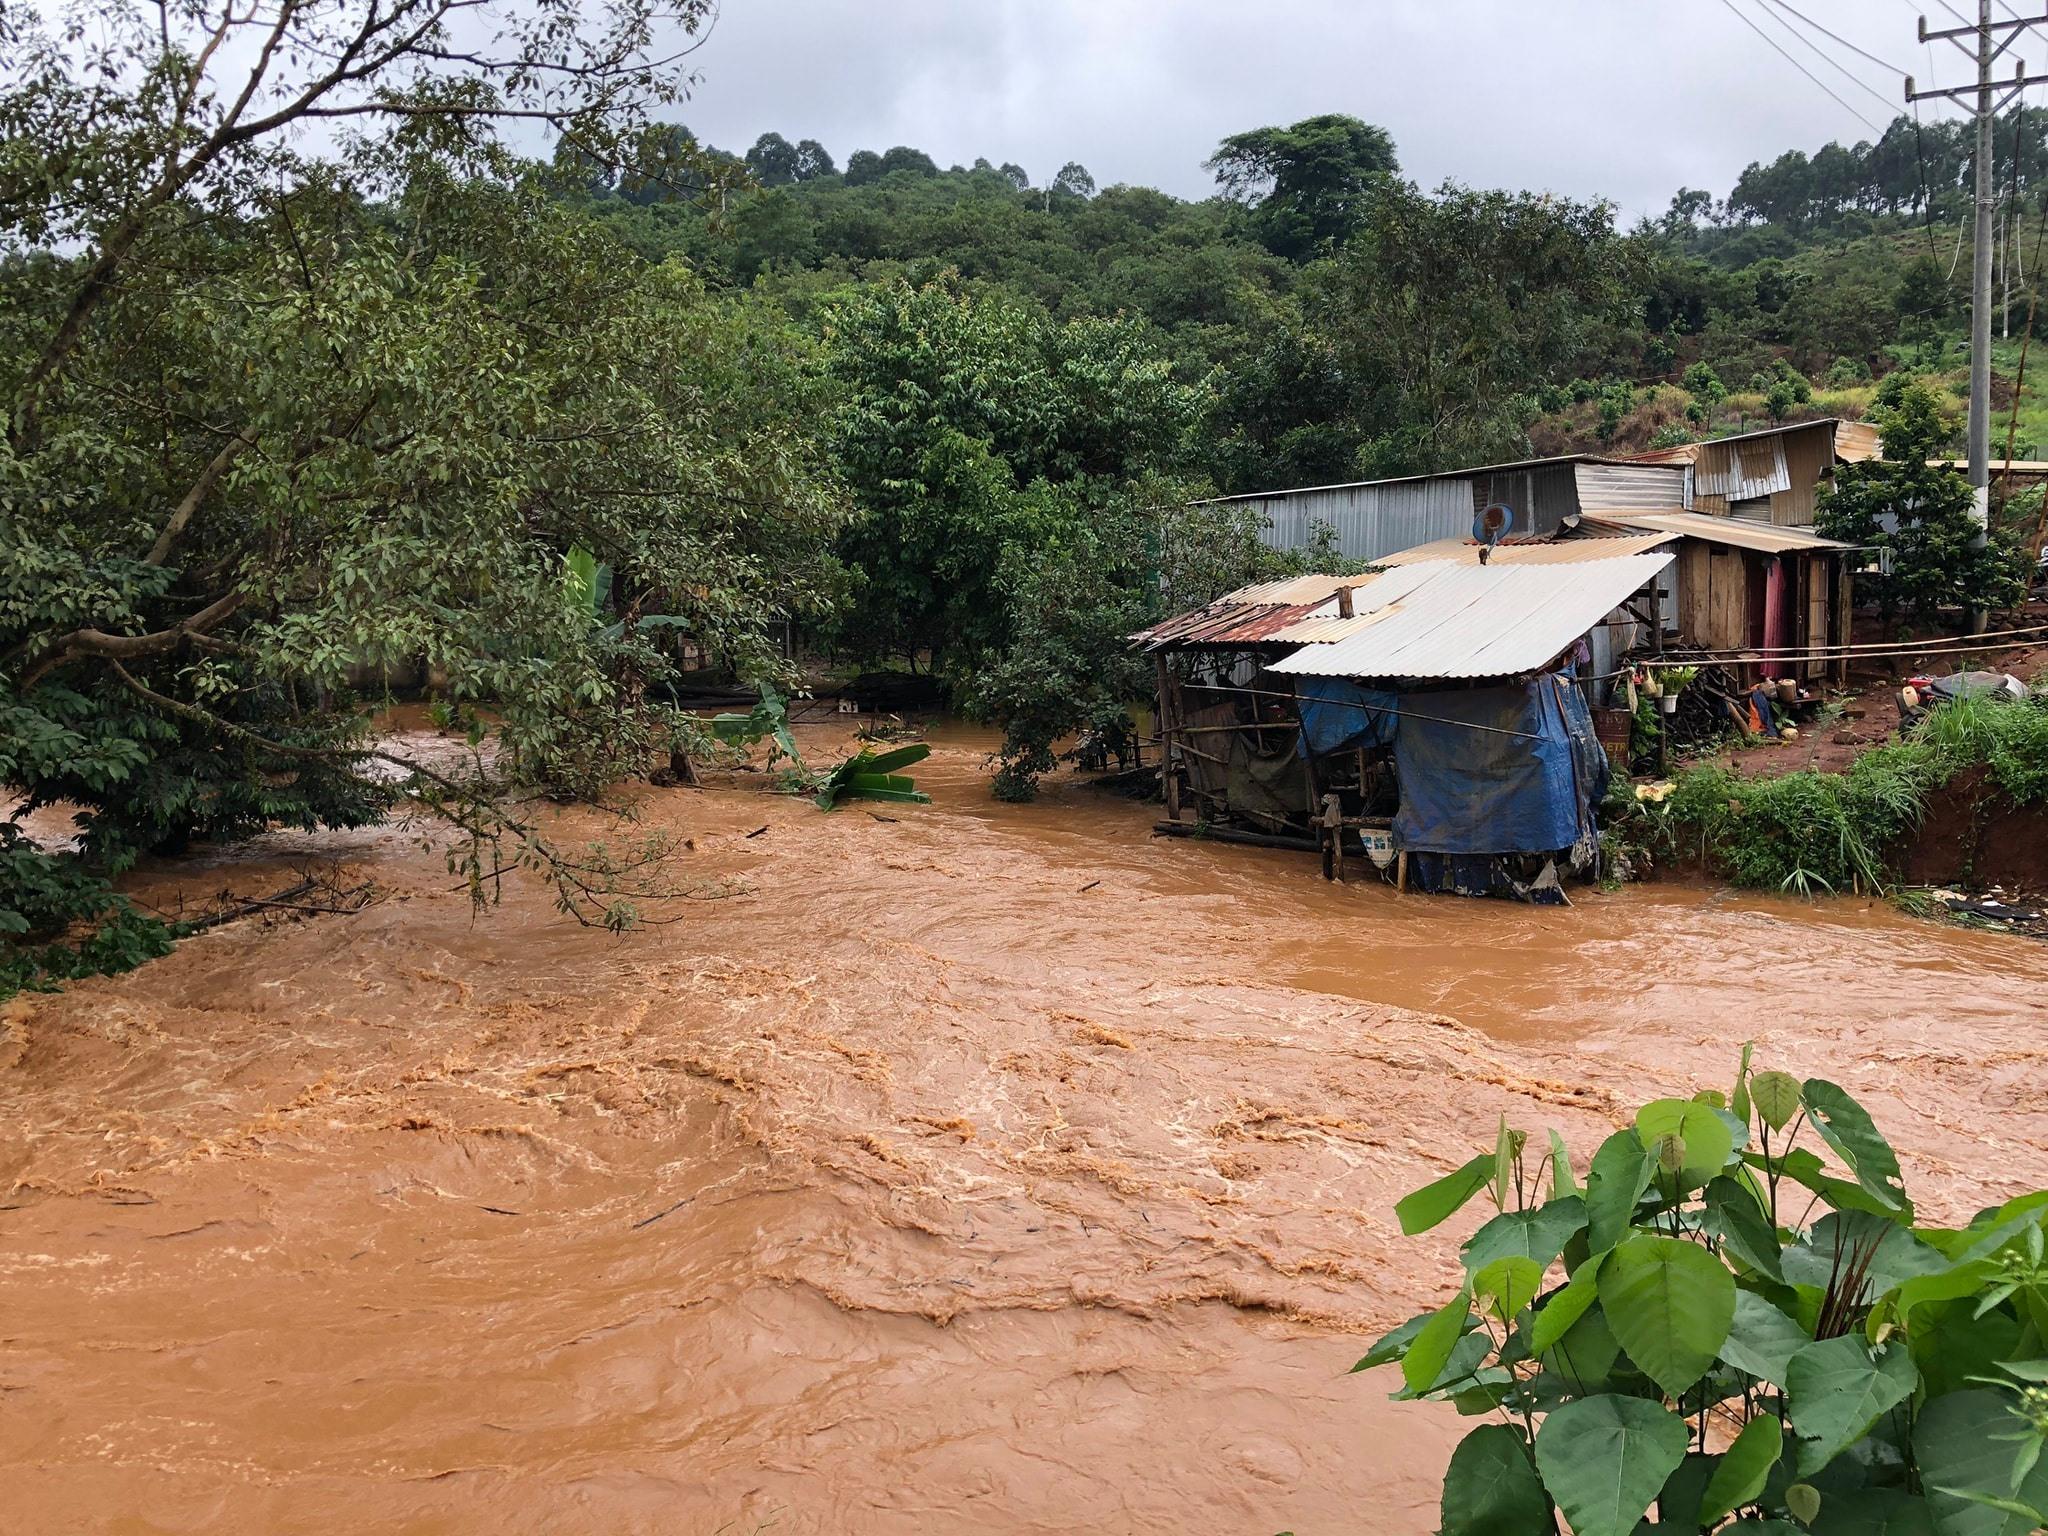 Nhà cửa của người dân xã Phú Sơn, huyện Bù Đăng, tỉnh Bình Phước bị ảnh hưởng lũ bỏ hoang sau khi sơ tán